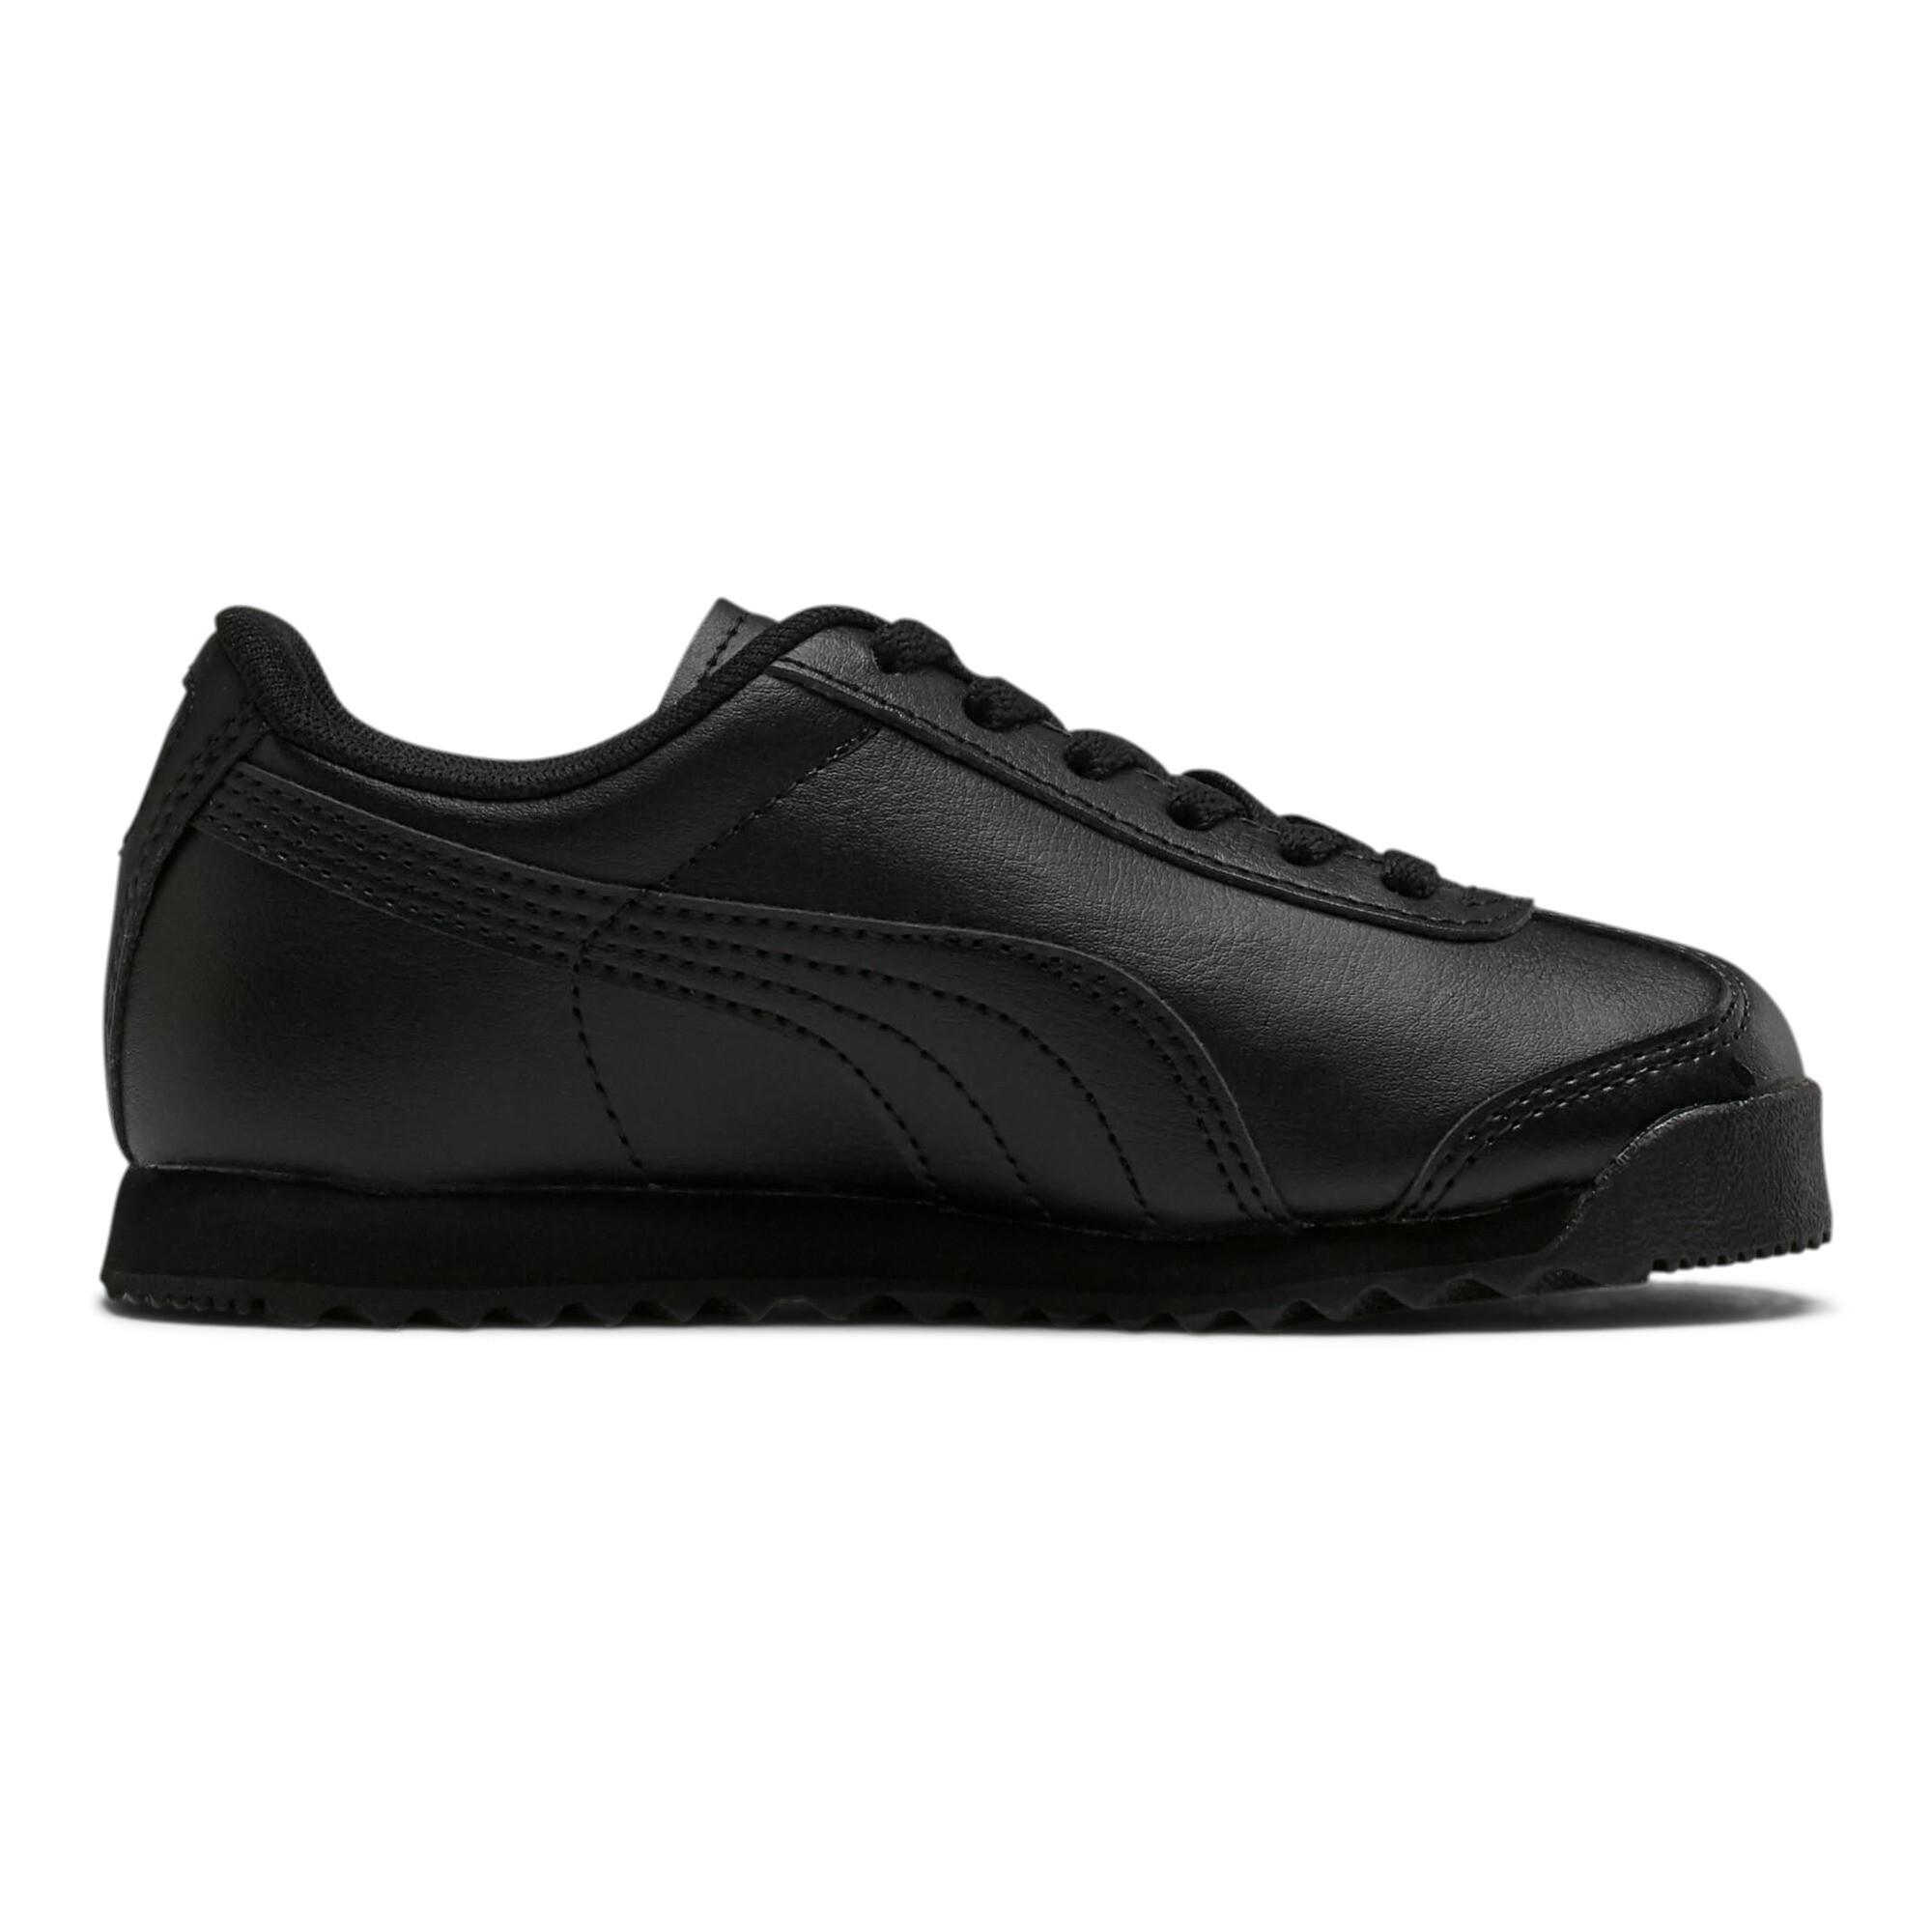 PUMA-Roma-Basic-Little-Kids-039-Shoes-Kids-Shoe-Kids thumbnail 6